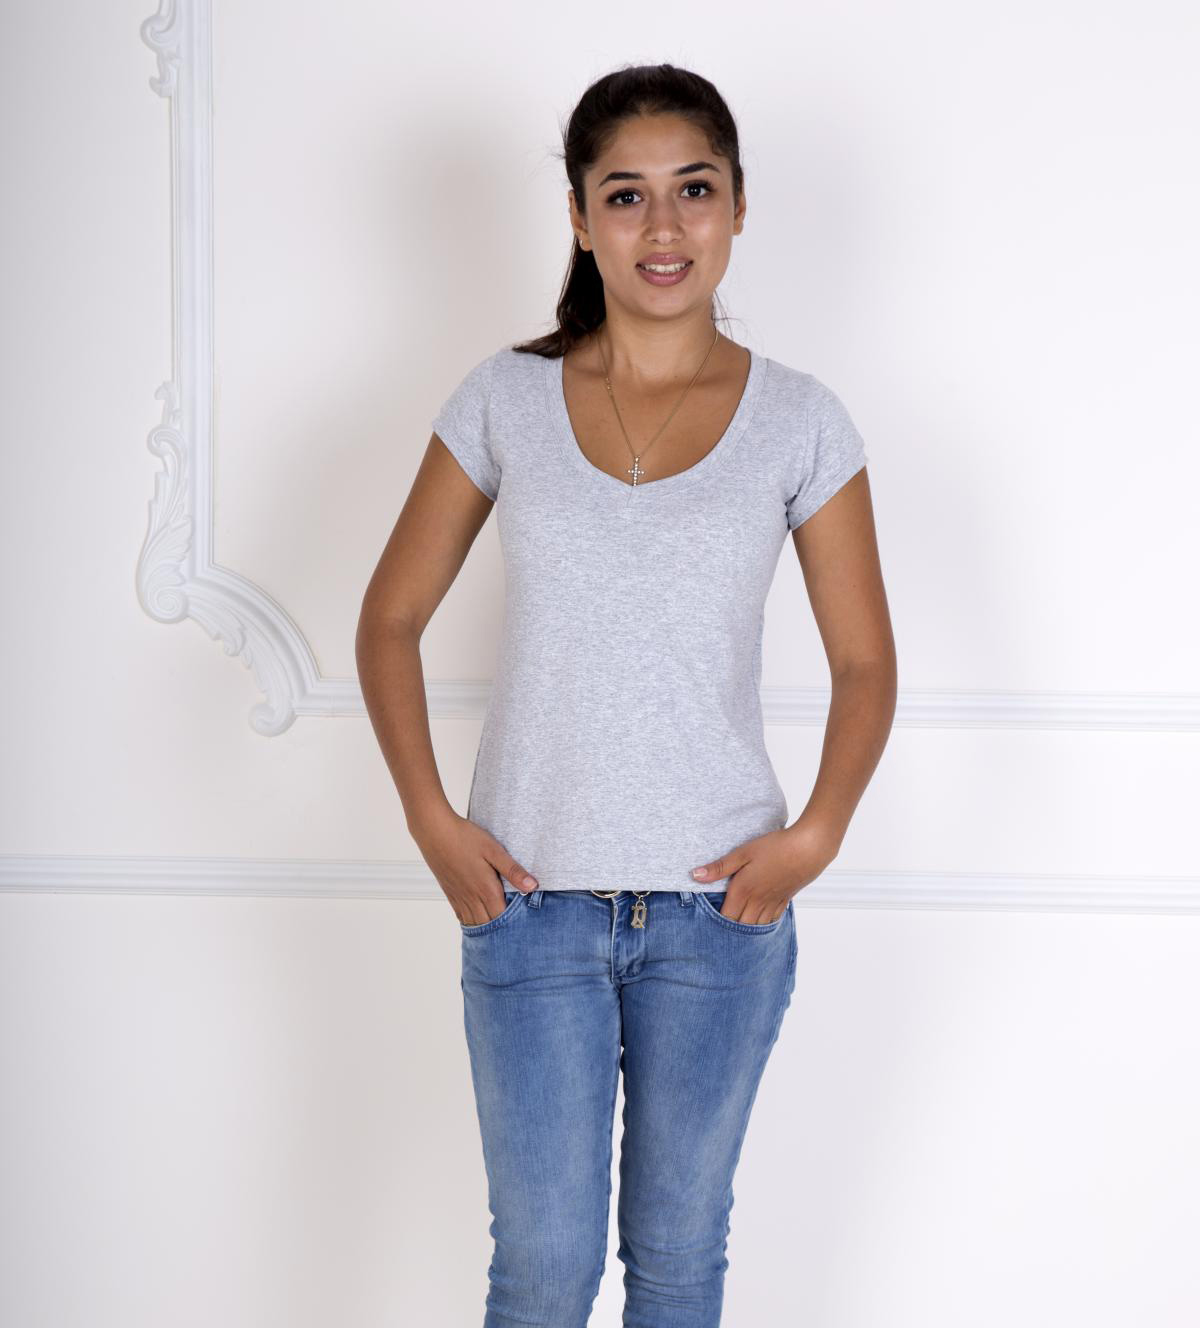 Жен. футболка Лиза Серый р. 52Майки и футболки<br>Факт. ОГ: 92 см <br>Факт. ОТ: 88 см <br>Факт. ОБ: 96 см <br>Длина по спинке: 62 см<br><br>Тип: Жен. футболка<br>Размер: 52<br>Материал: Фулайкра